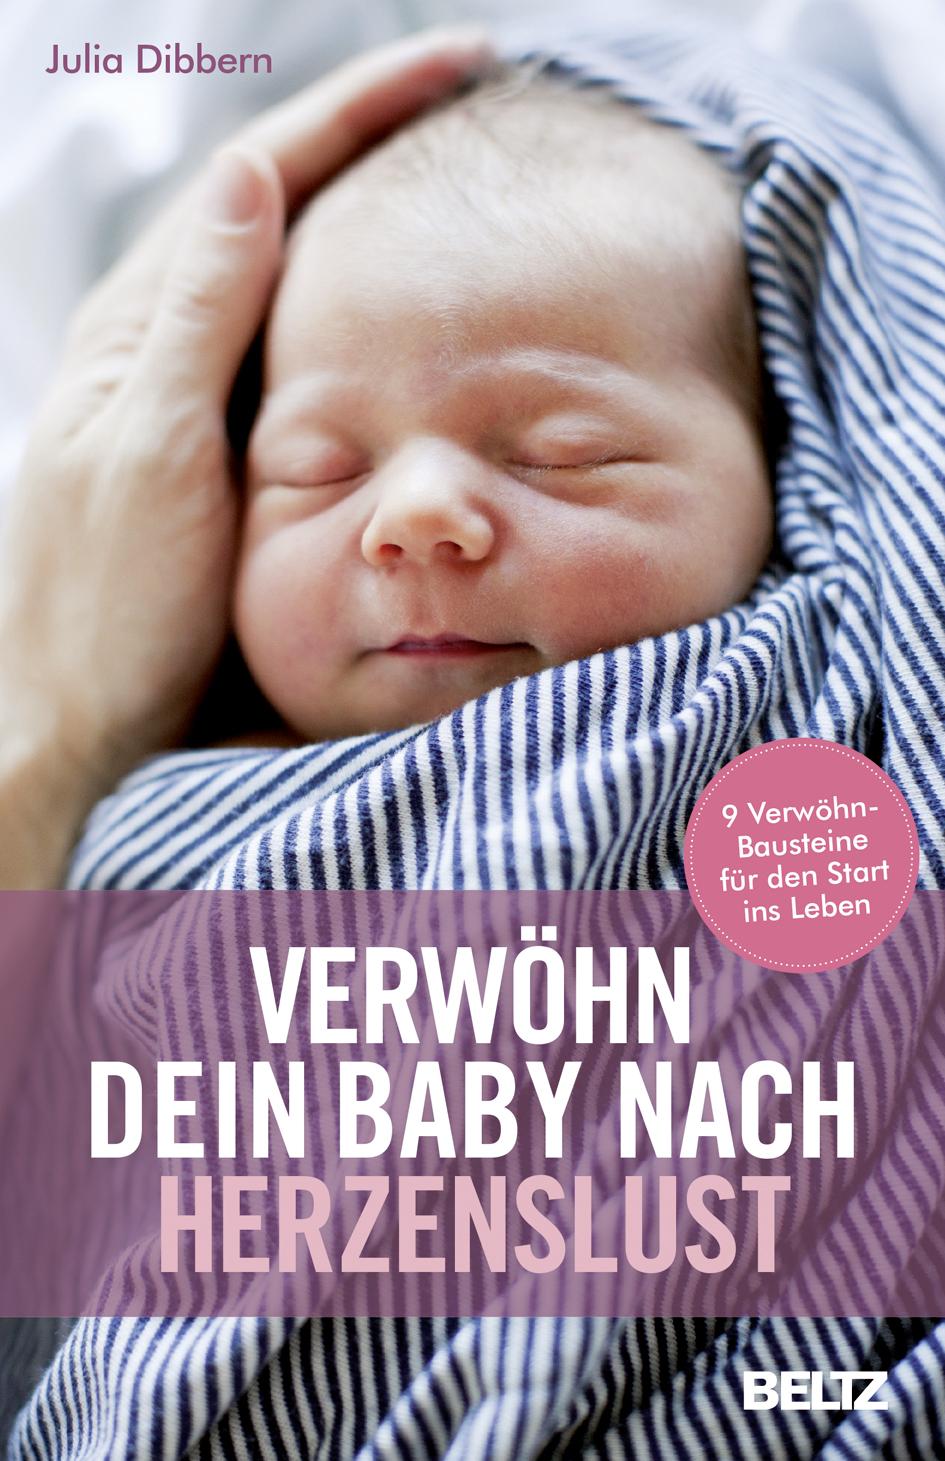 Babys  liebevoll begleiten und verwöhnen